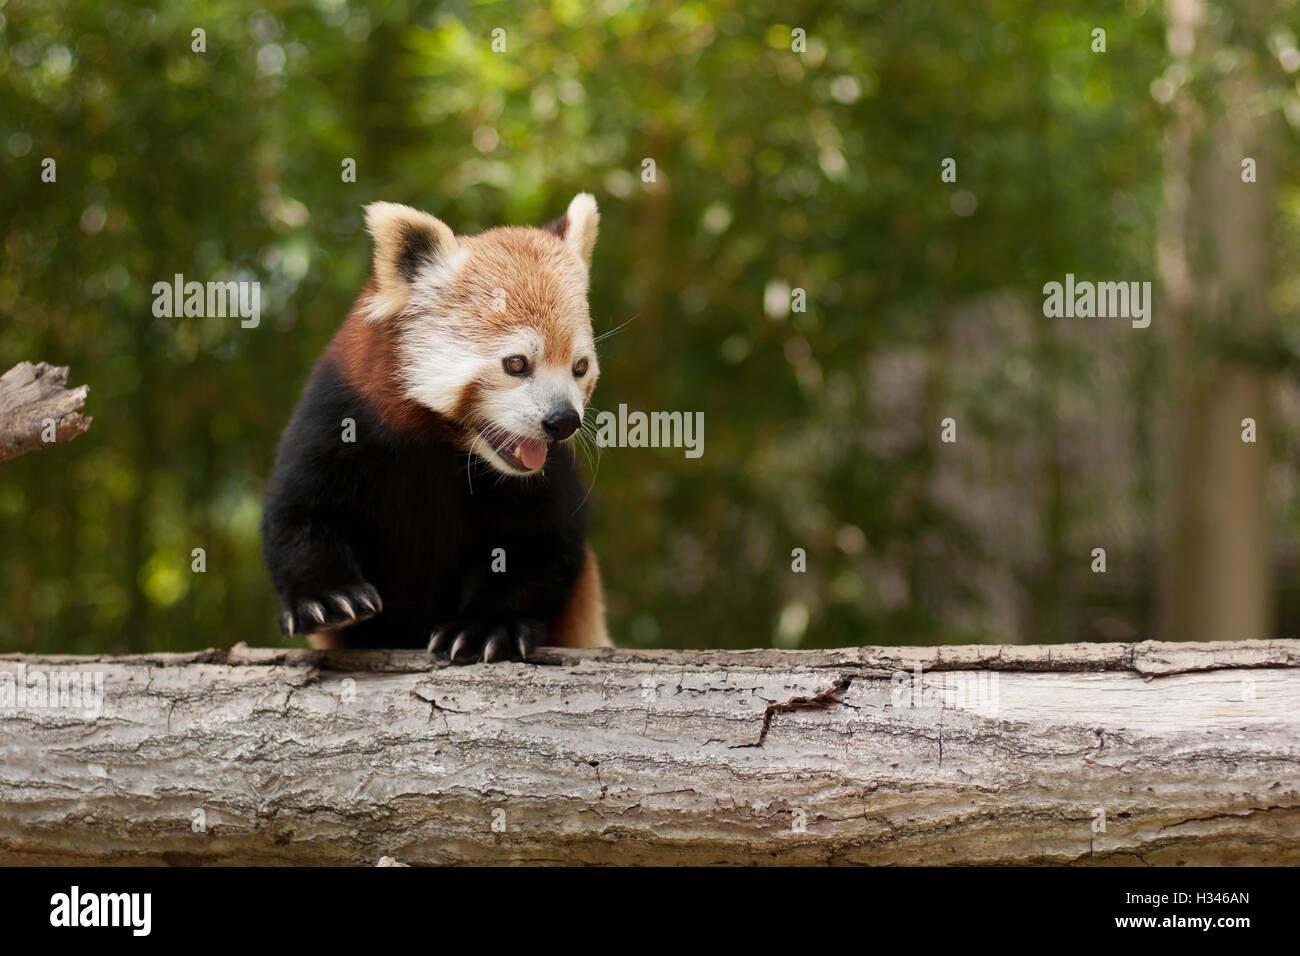 Panda Bear Usa Stock Photos & Panda Bear Usa Stock Images - Alamy